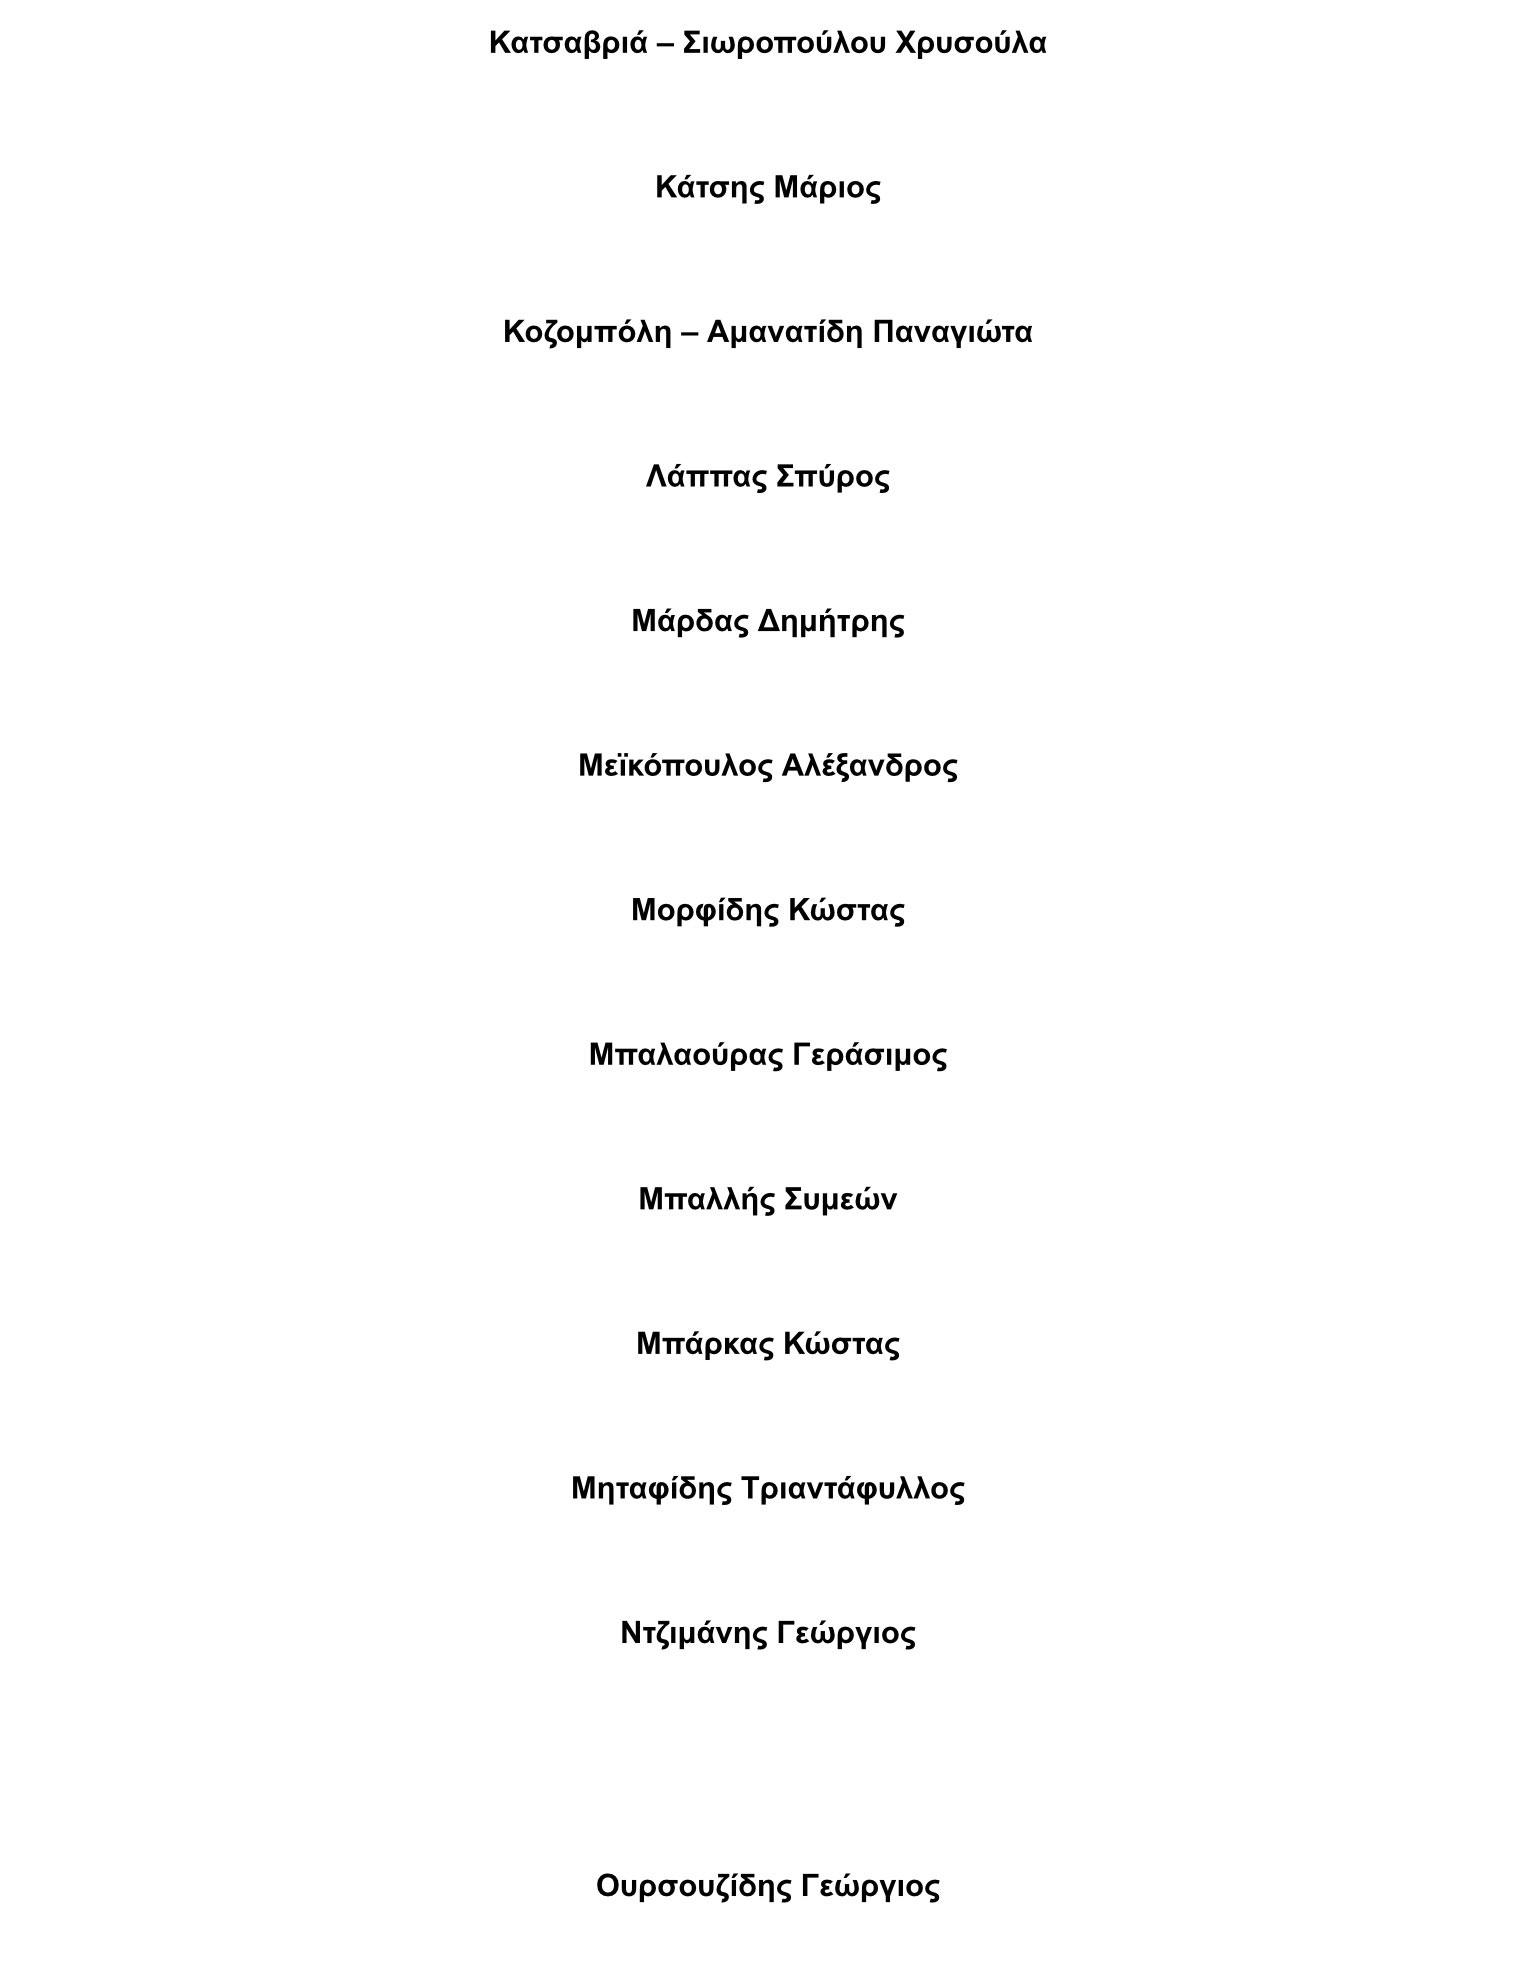 tropologia-syriza-gia-proslipseis-ston-organismo-eggeion-veltioseon7